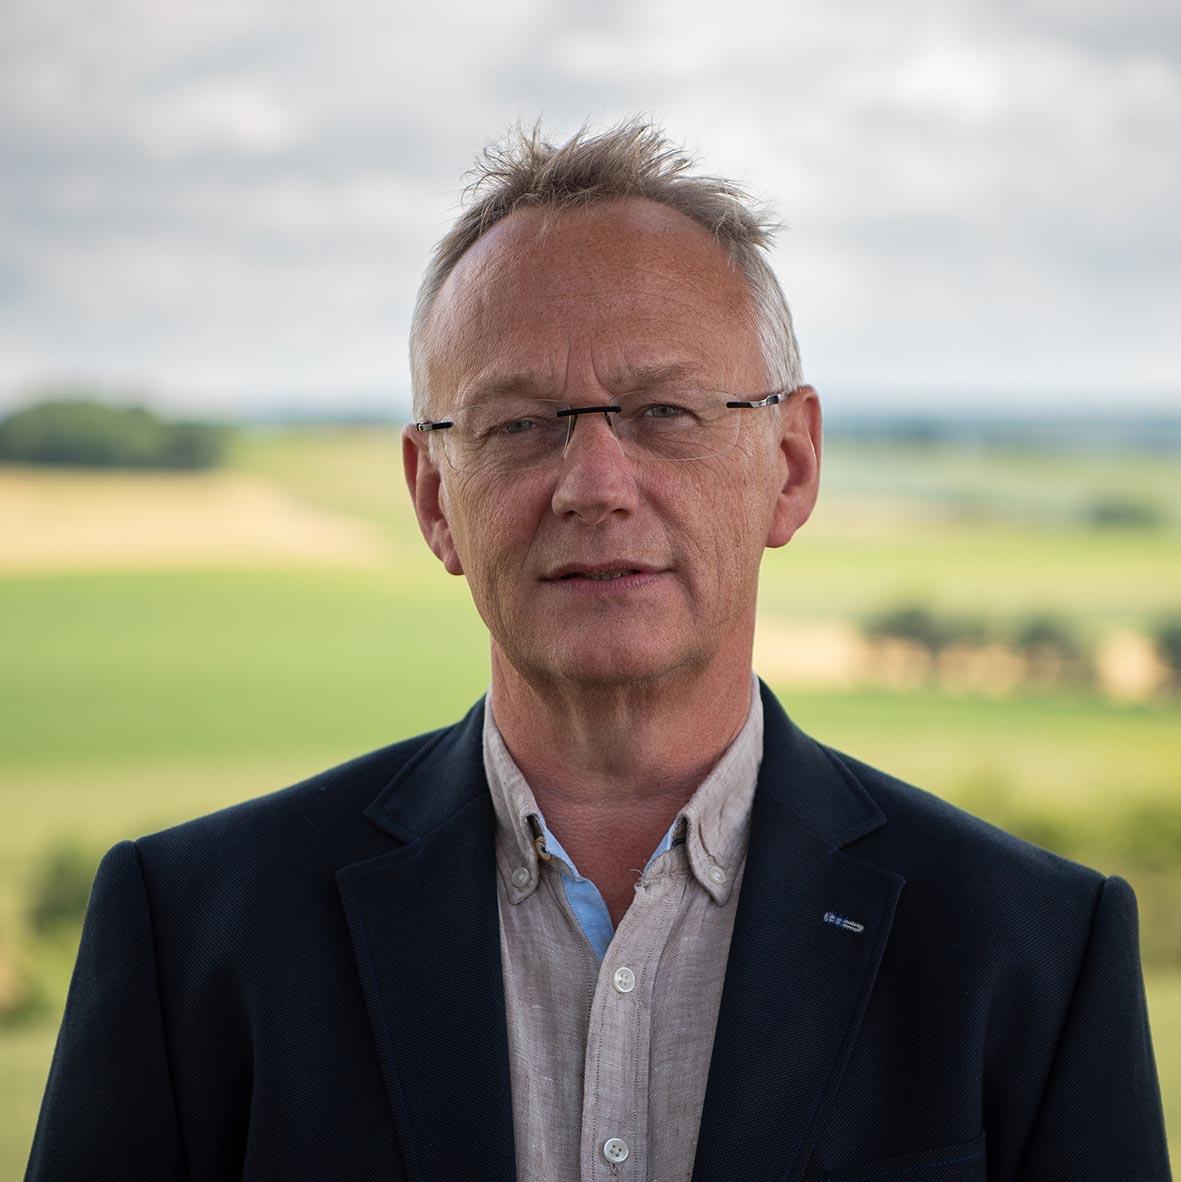 Dr. Johan Brugmans